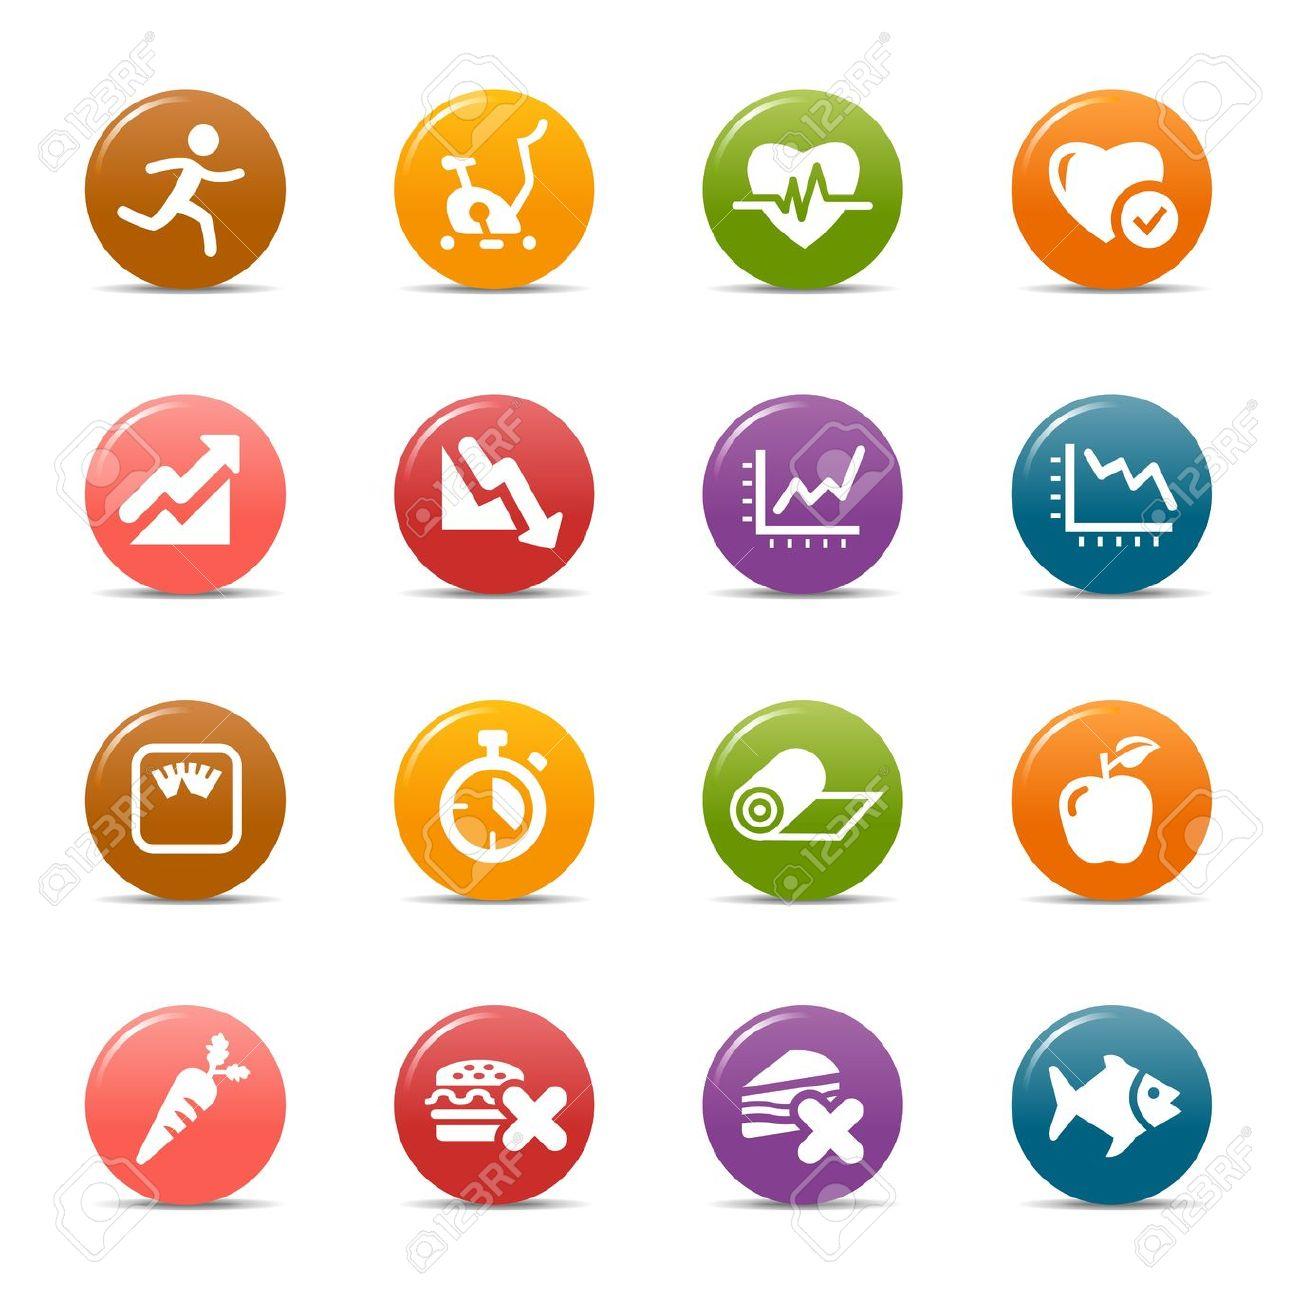 Gesund und fit clipart jpg library library Colored Dots - Gesundheit Und Fitness Icons Lizenzfrei Nutzbare ... jpg library library